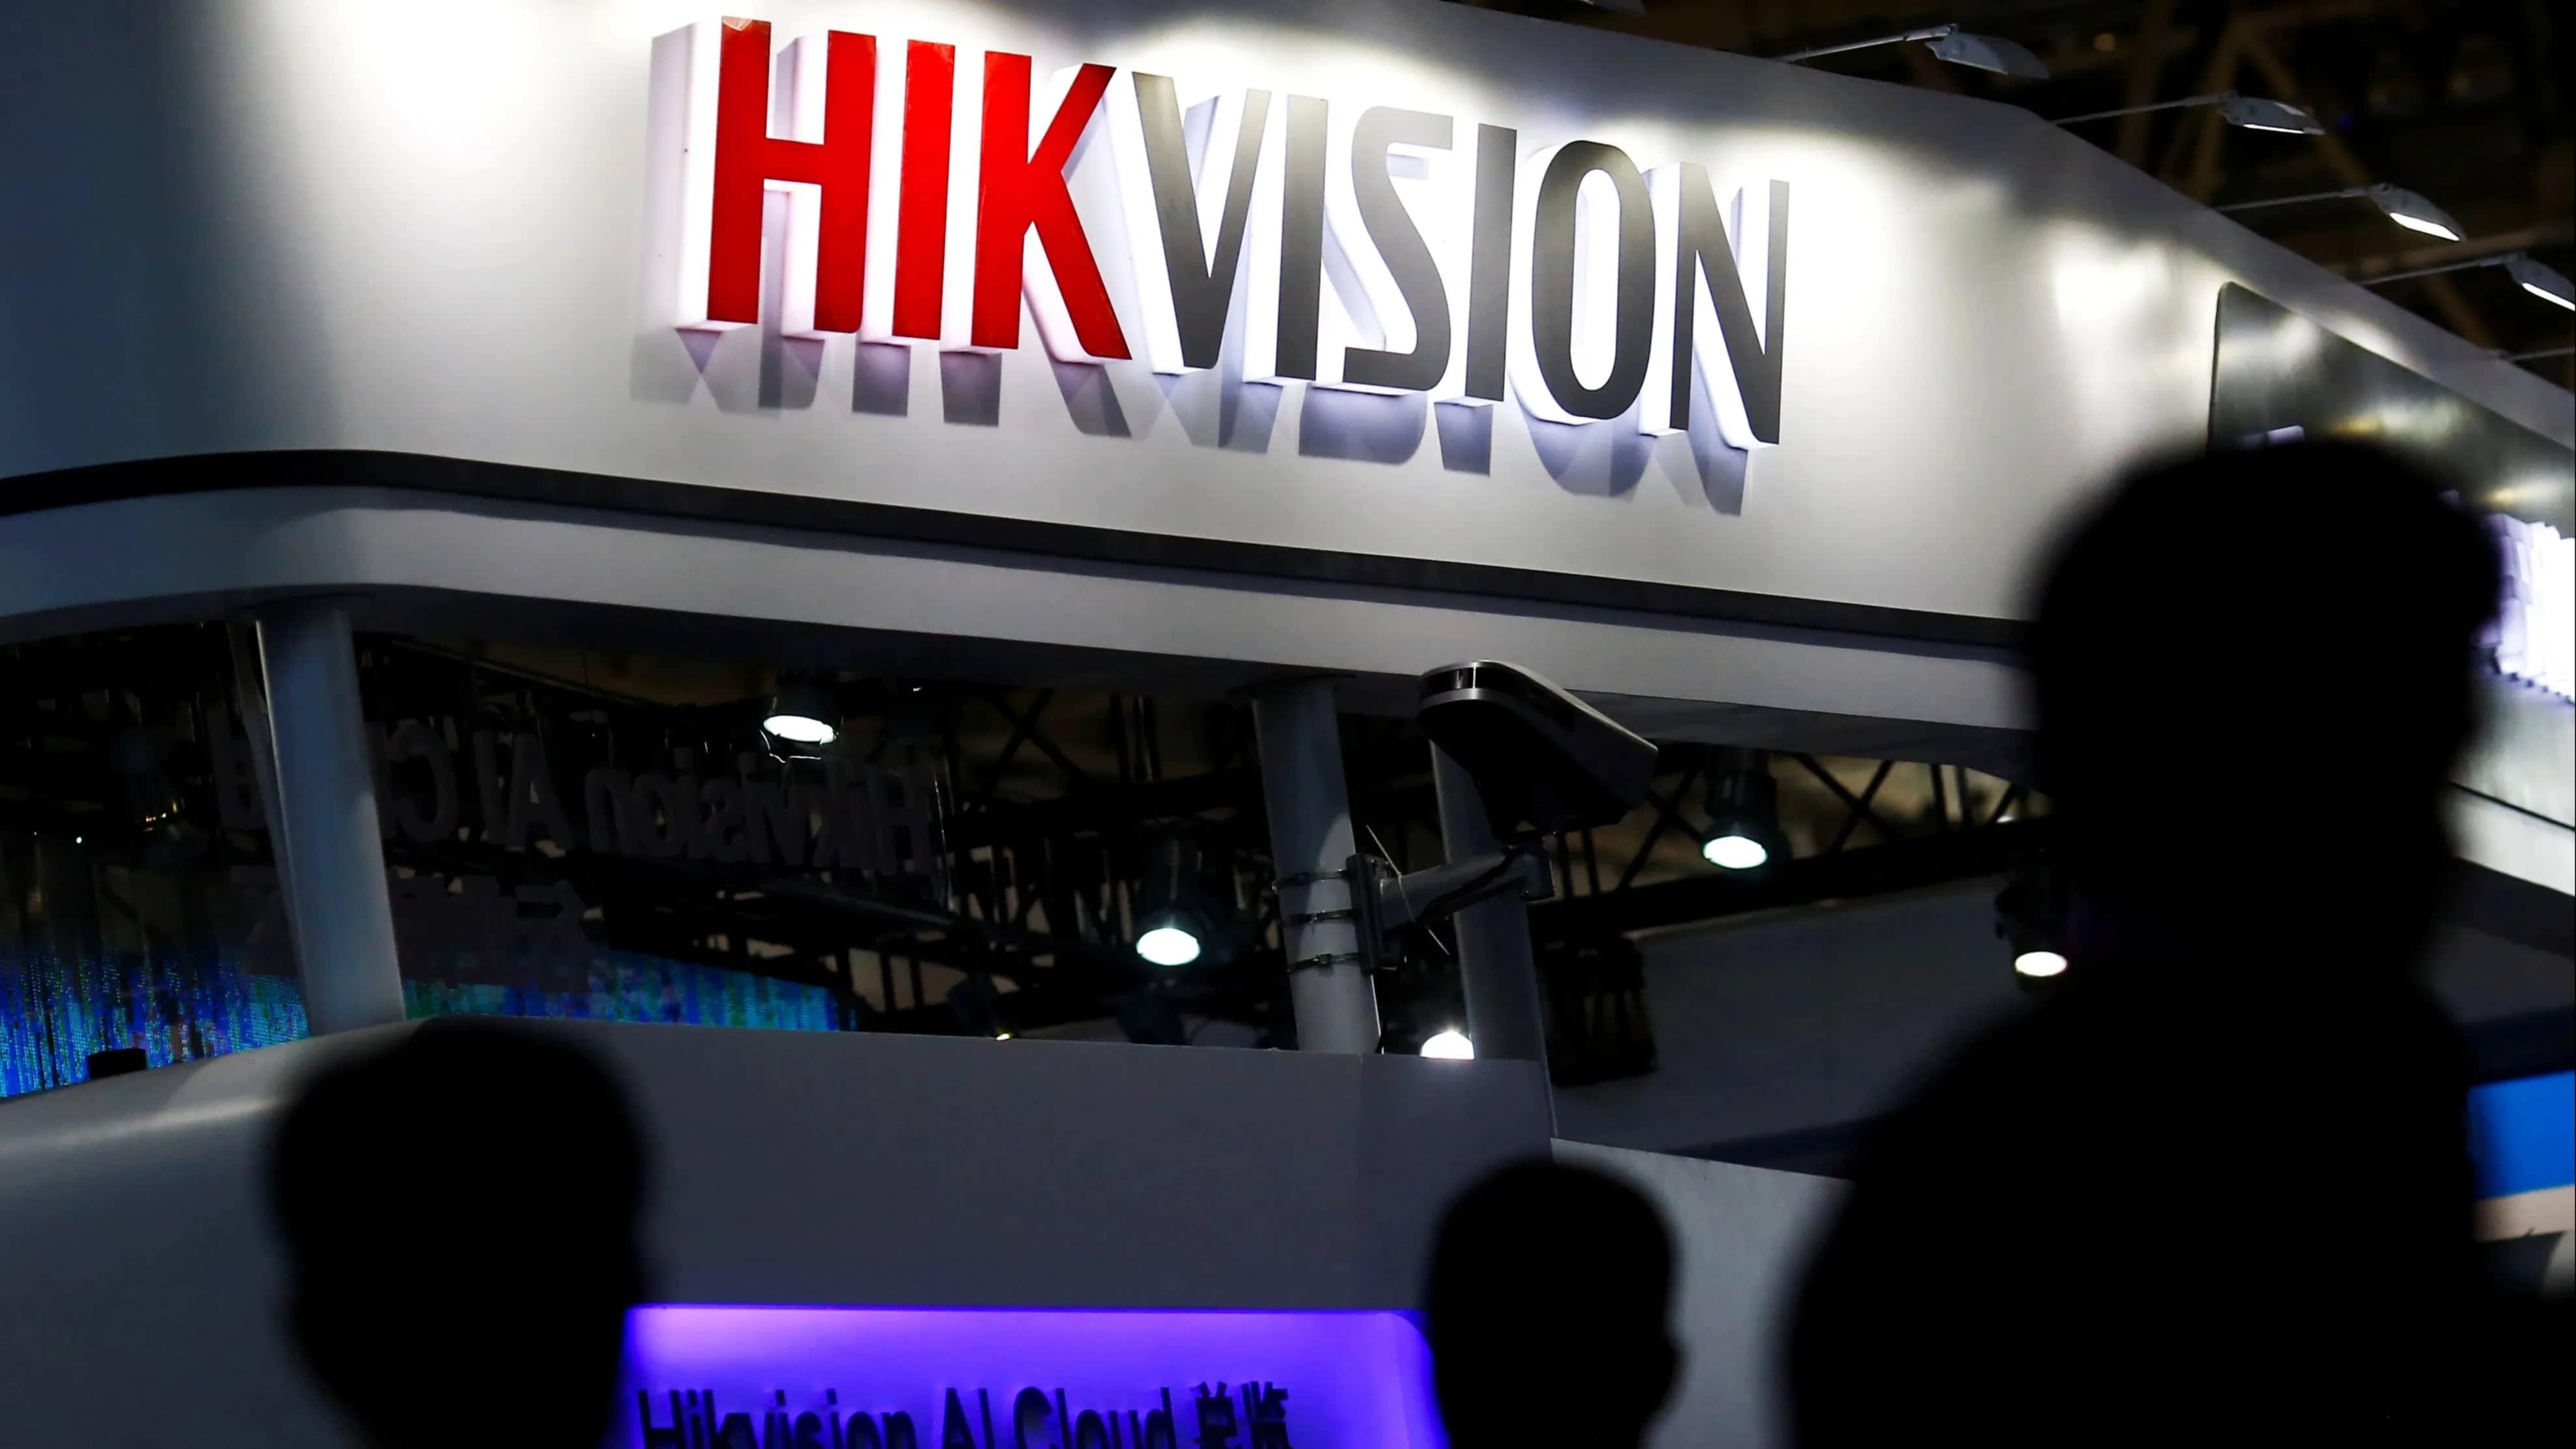 Бесконтактные технологии Hikvision обеспечивают эпидемиологическую безопасность